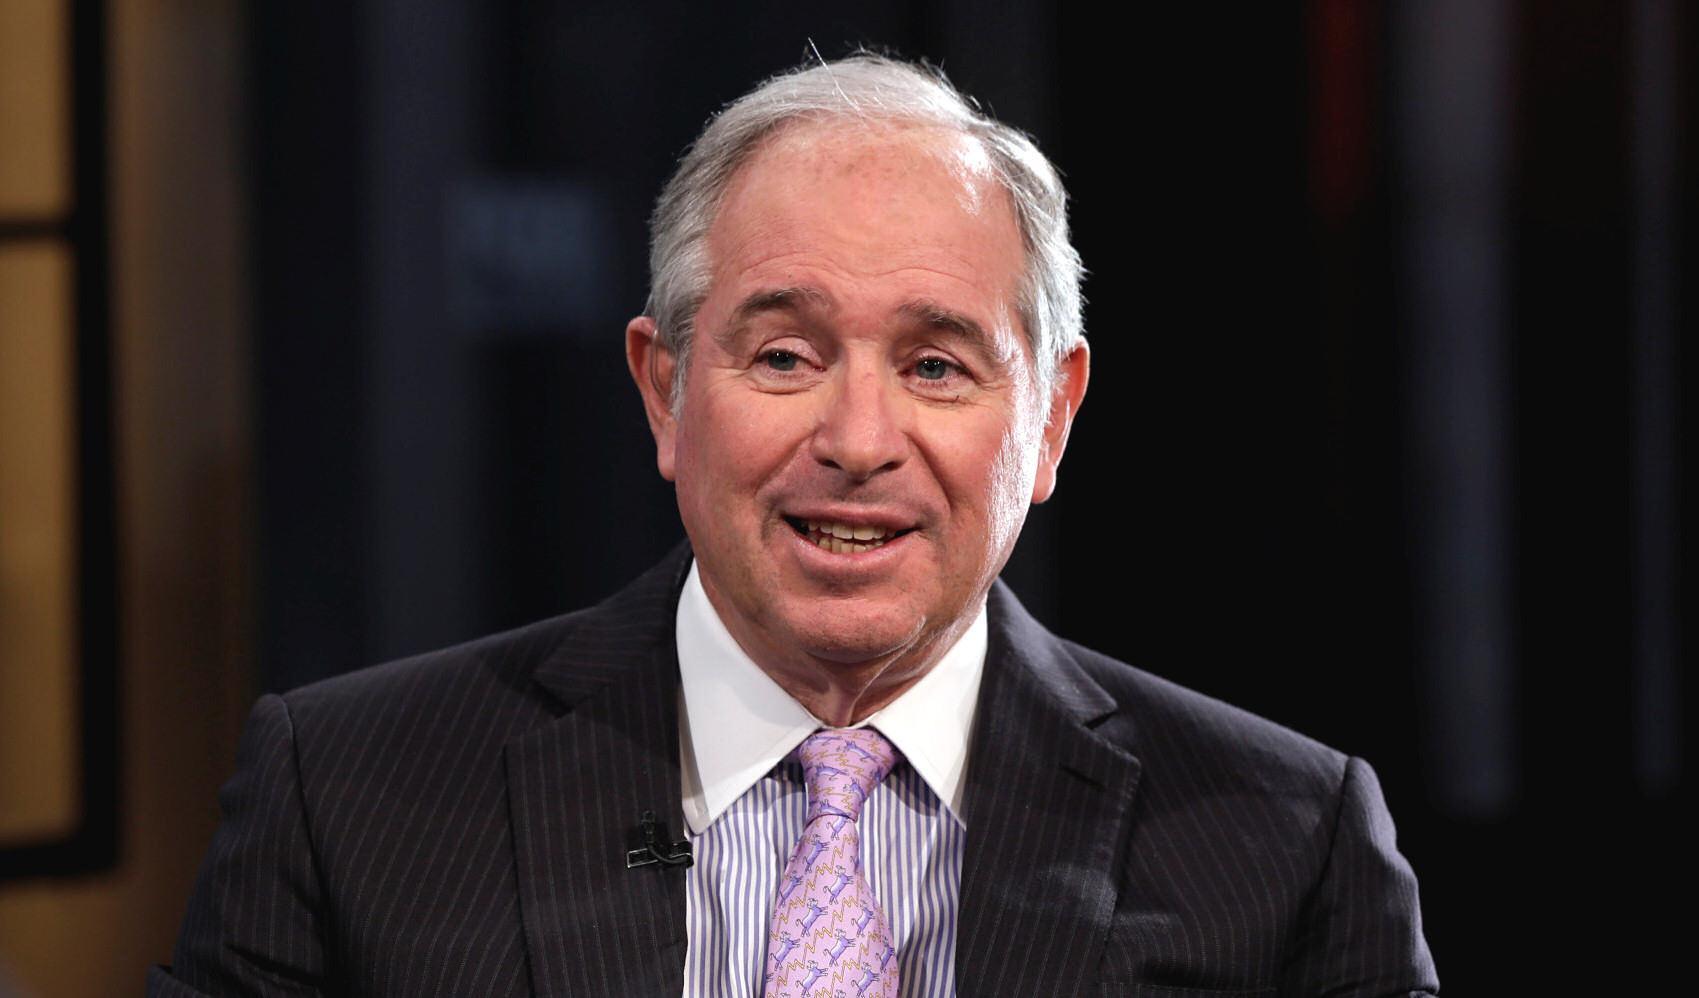 1947 Jude Stephen Schwarzman. Banker. Chef der weltgrößten Investmentgesellschaft Blackstone Group. Die Firma ist größer als Deutsche Bank, Goldman Sachs und JPMorgan zusammen. Schwarzman bekam im Jahr 2015 ein Gehalt von schätzungsweise 1.000.000.000 Dollar.